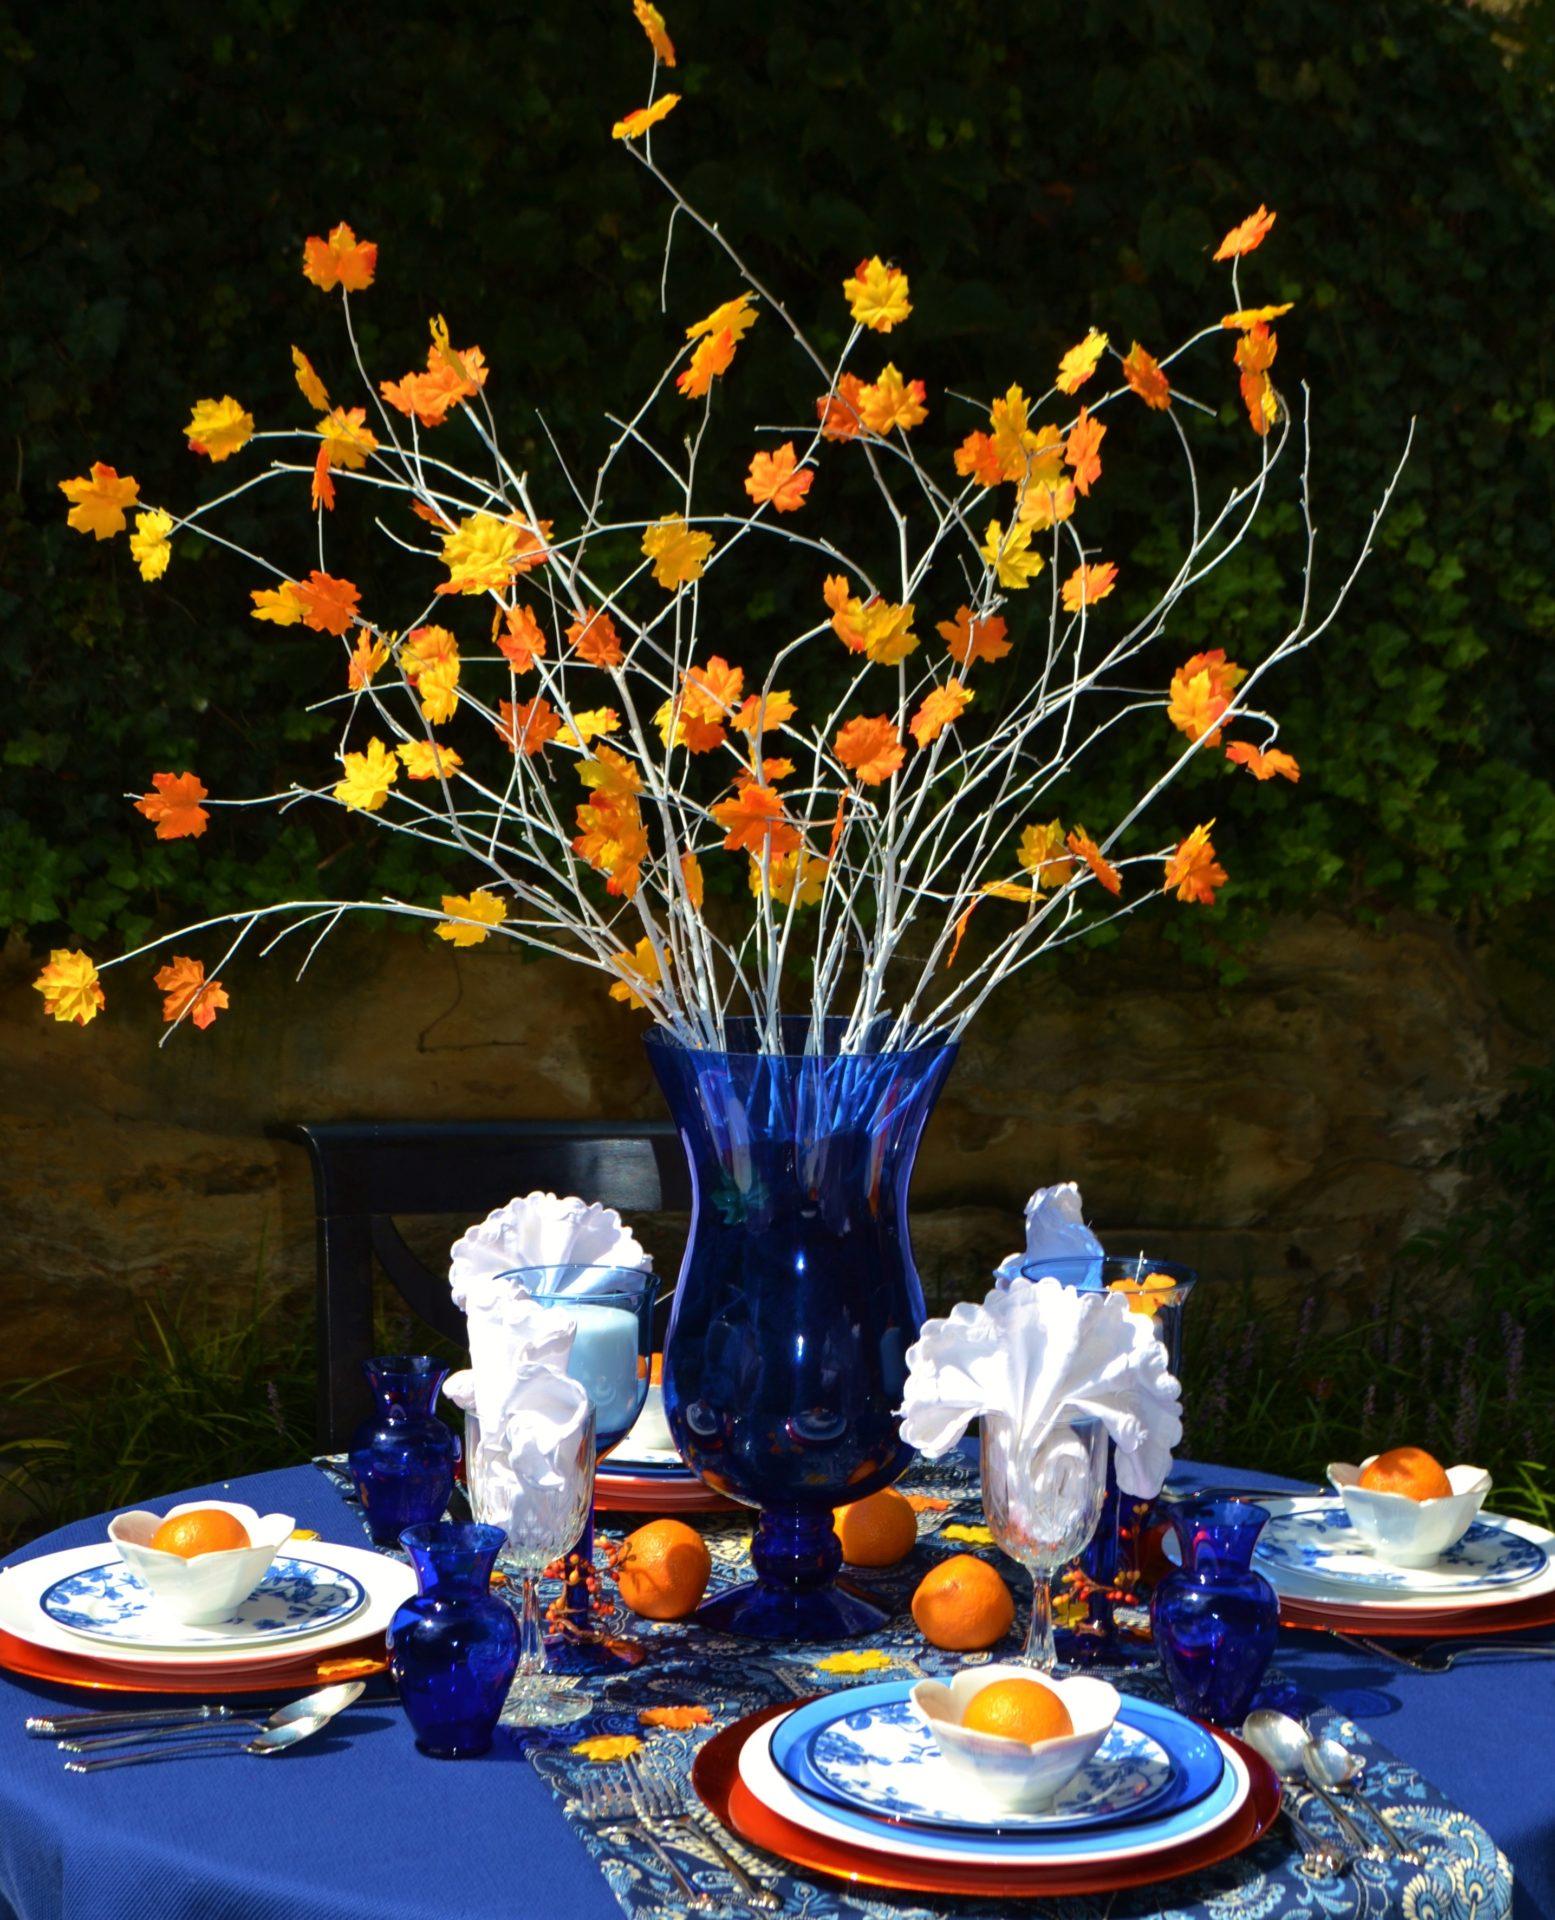 Fall Tablescape-orange cobalt blue-leaf centerpiece-lizbushong.com